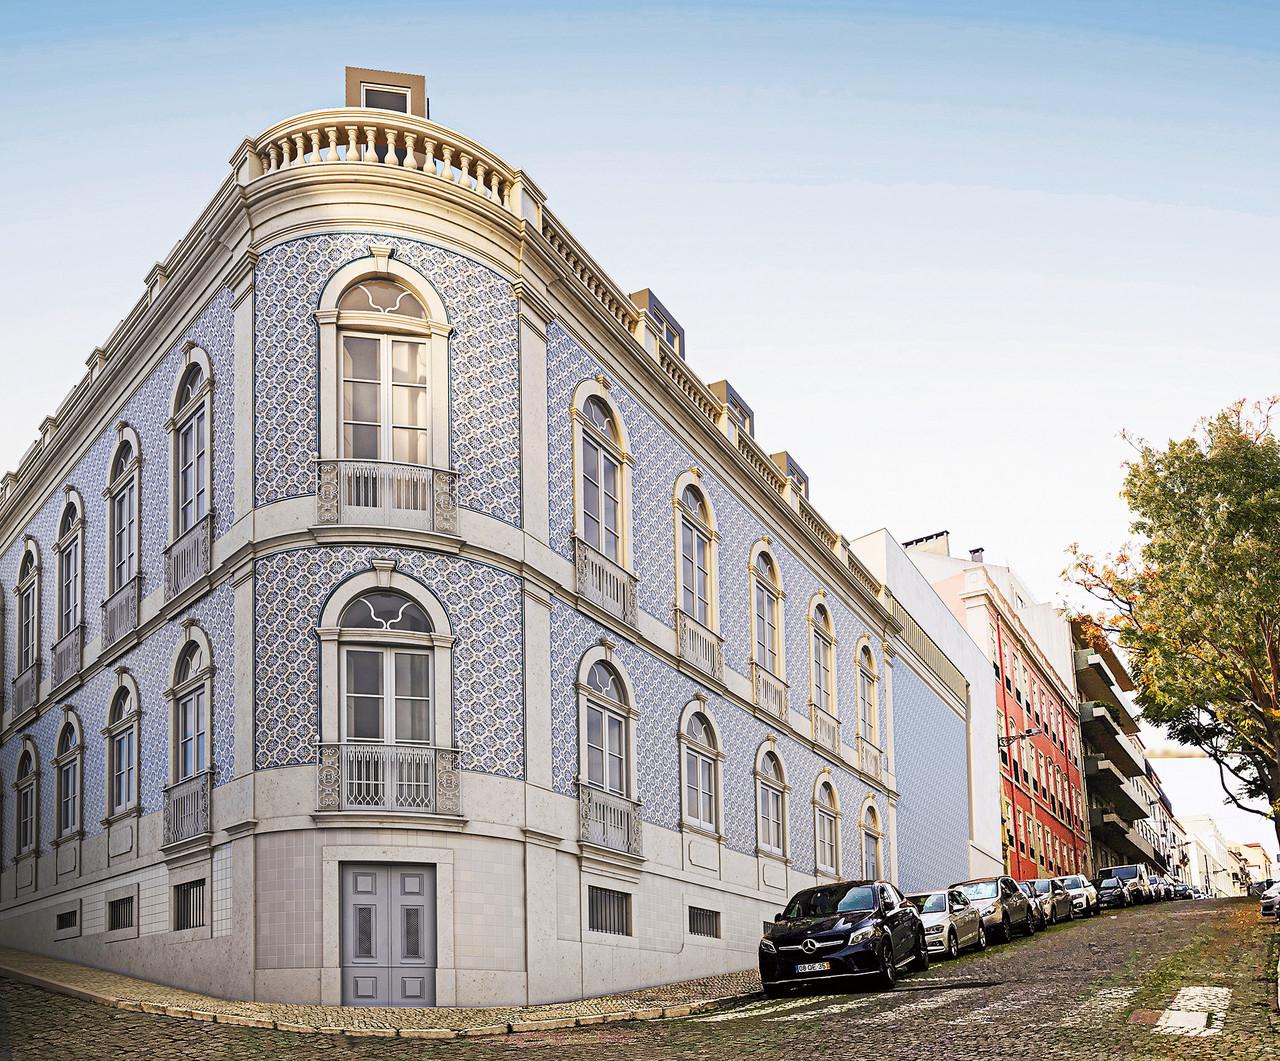 Lapa One começa a ser mostrado aos potenciais compradores no primeiro trimestre de 2021. / Vanguard Properties